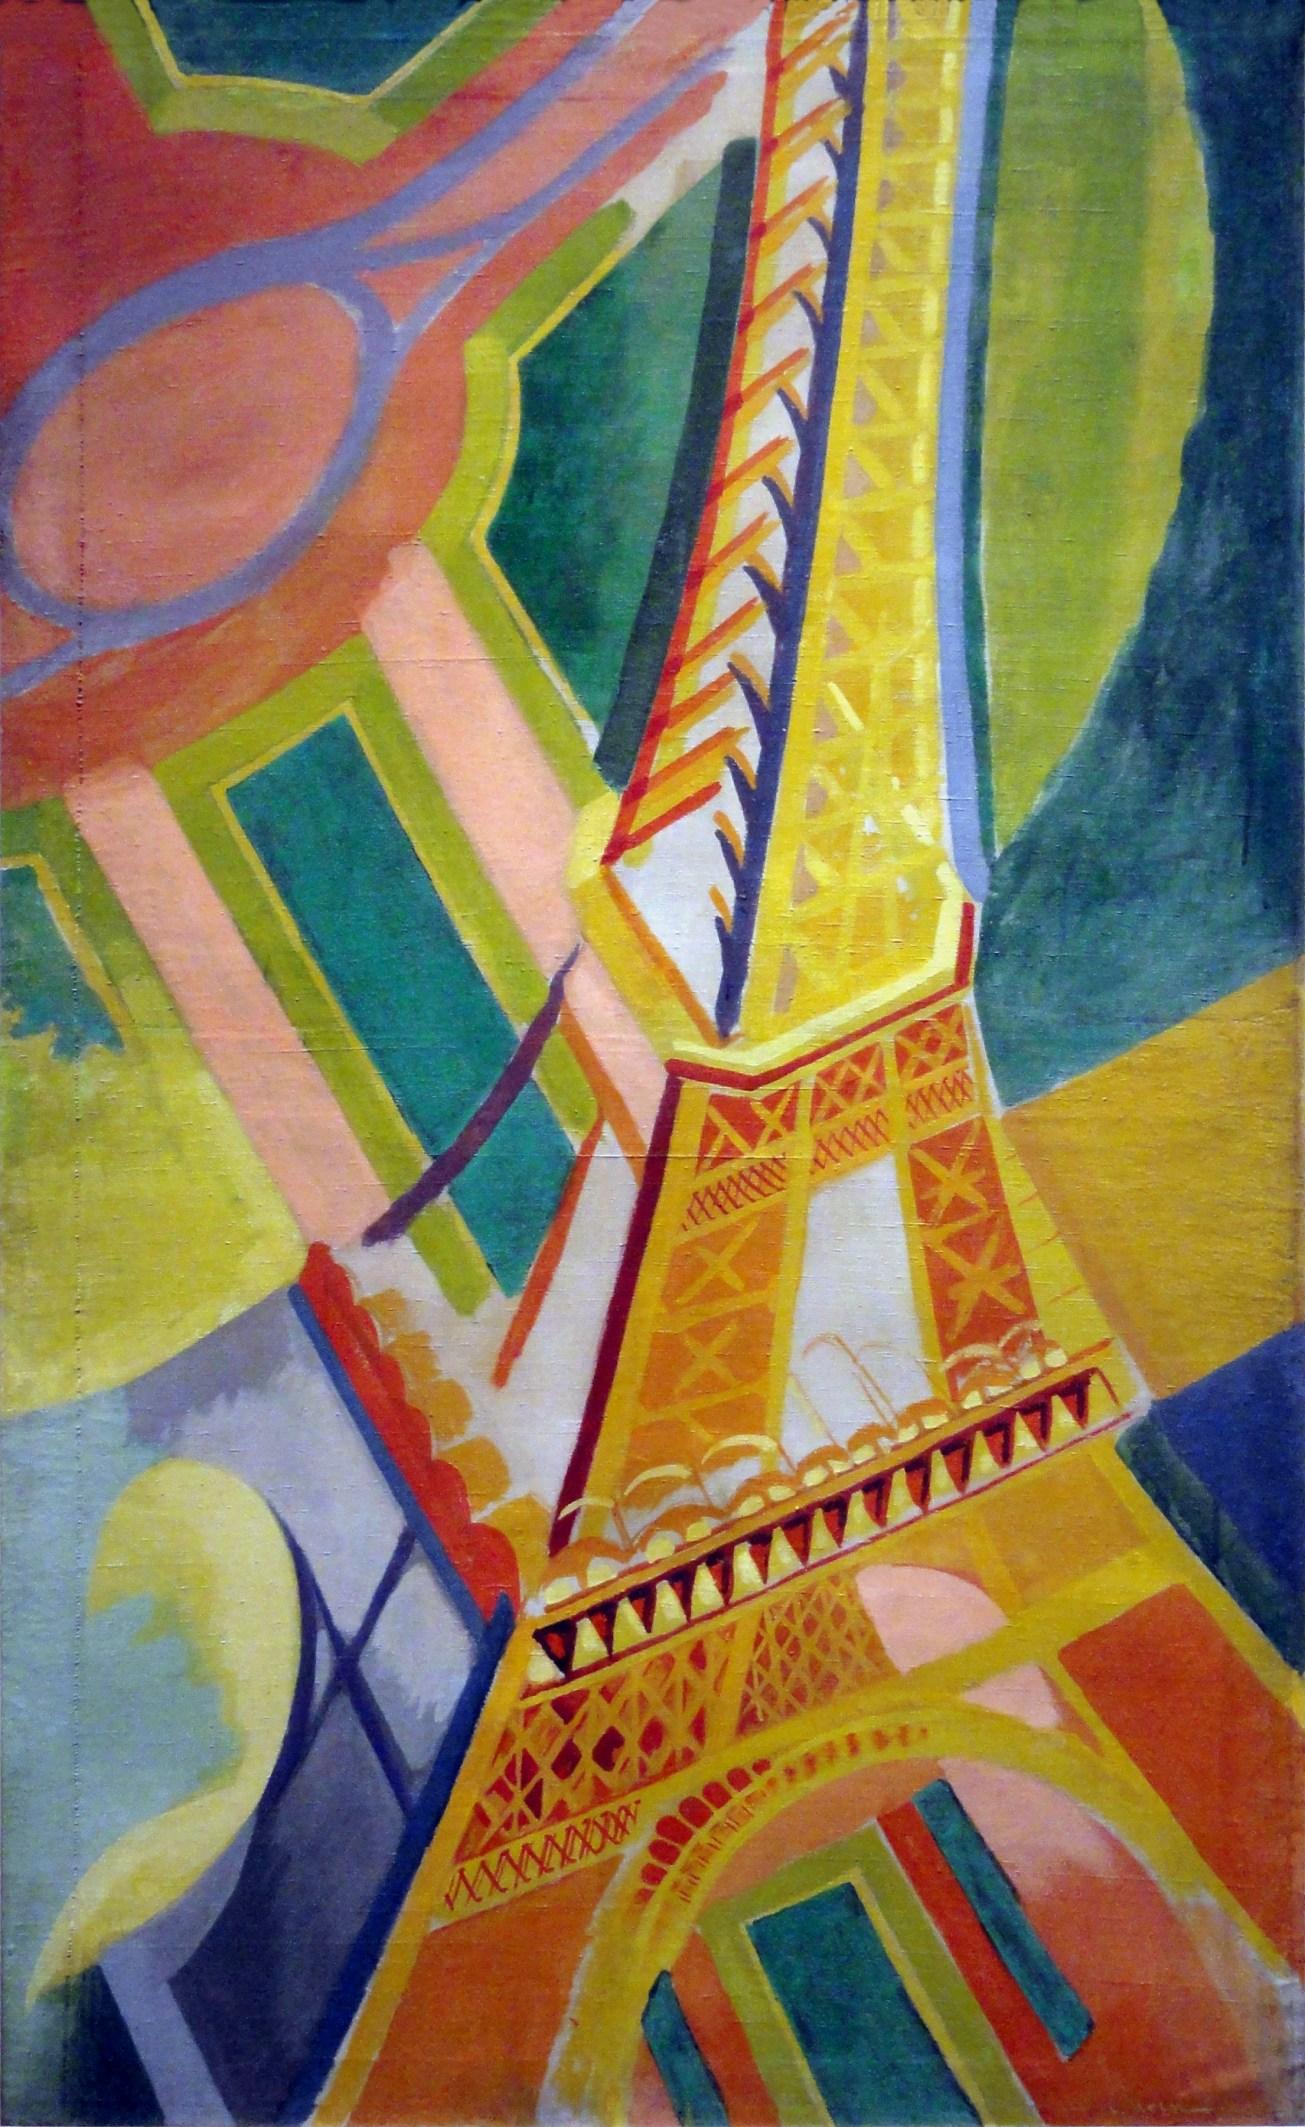 Robert_Delaunay,_1926,_Tour_Eiffel,_oil_on_canvas,_169_×_86_cm,_Musée_d'Art_Moderne_de_la_ville_de_Paris.jpg